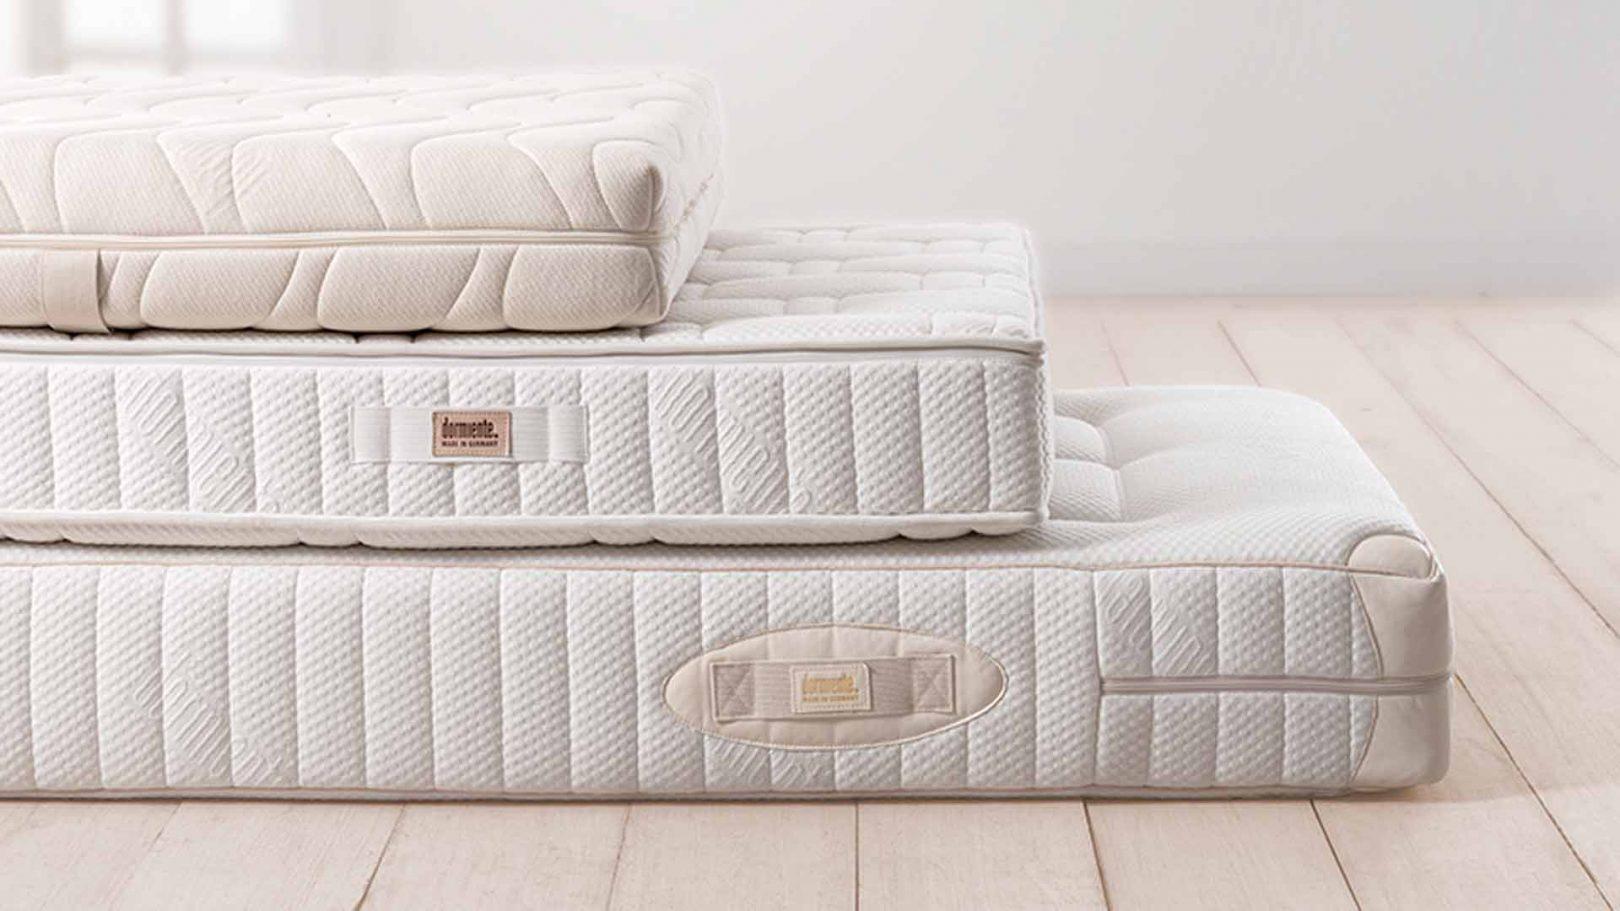 die richtige matratze betten h nscheidt. Black Bedroom Furniture Sets. Home Design Ideas